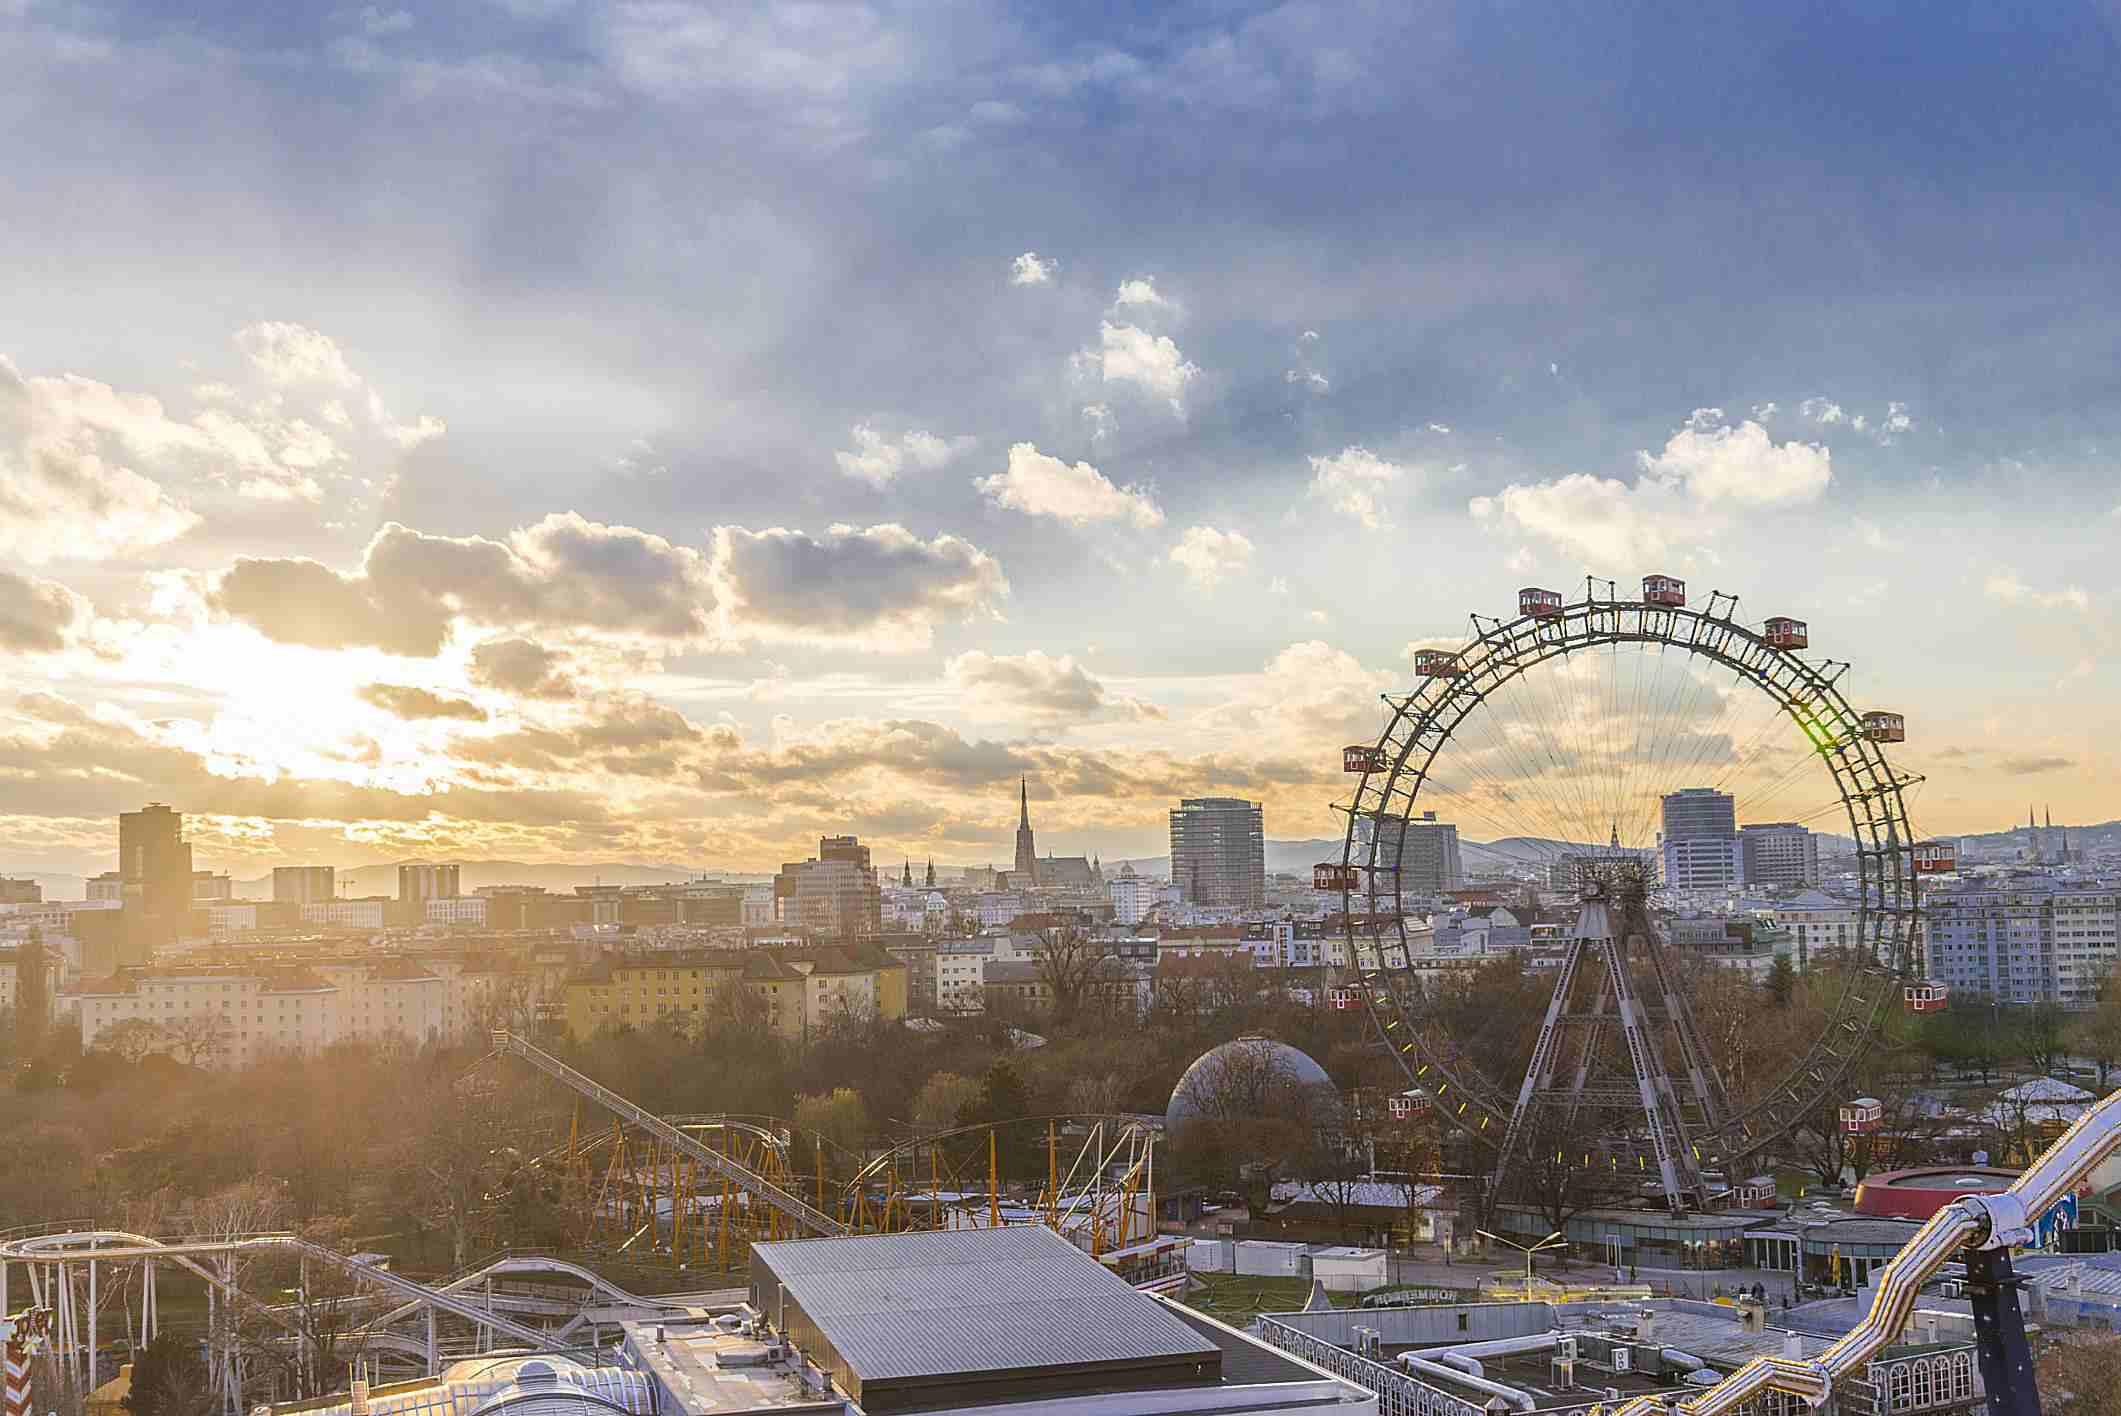 Viena es un buen destino para los austríacos que compran su pasaporte